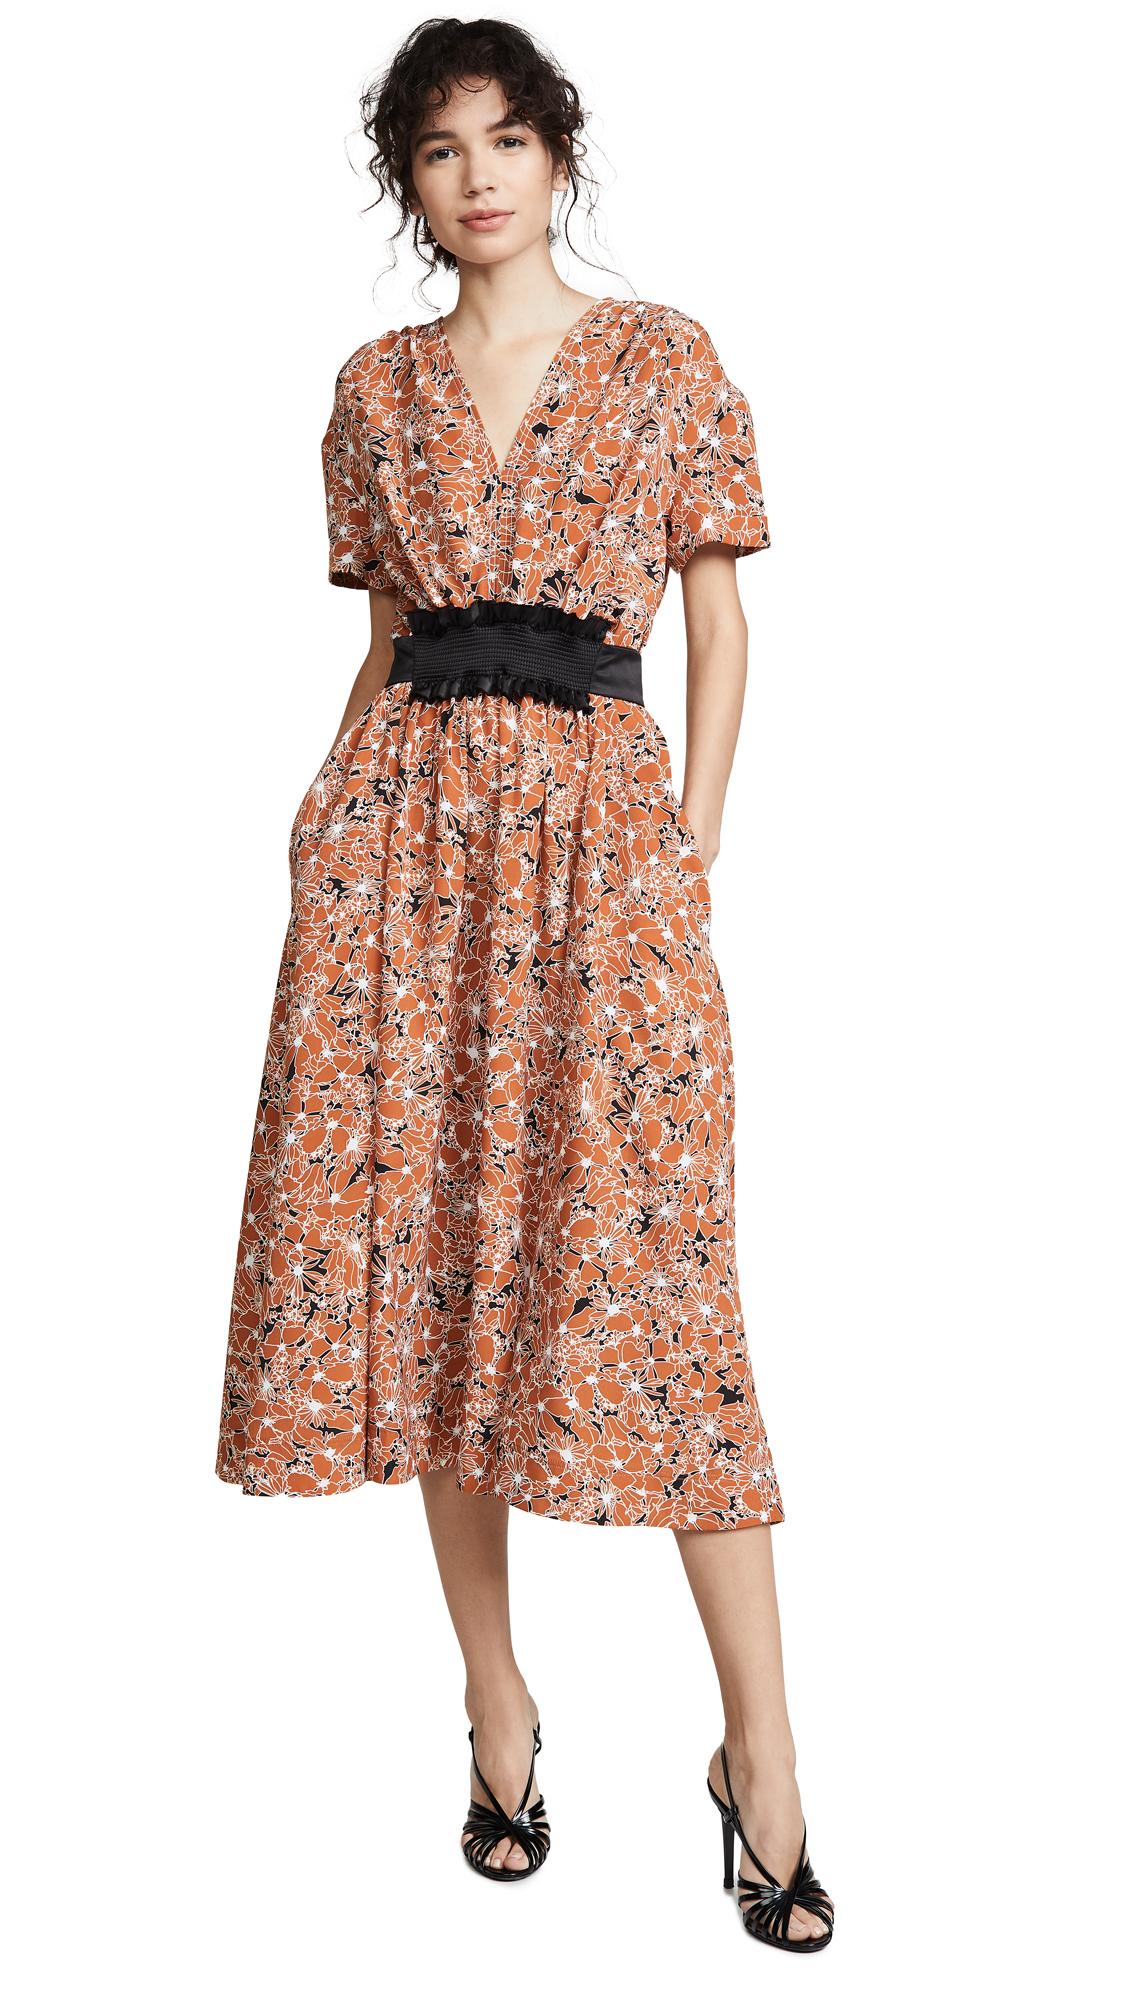 Cedric Charlier Floral Dress - Camel Floral